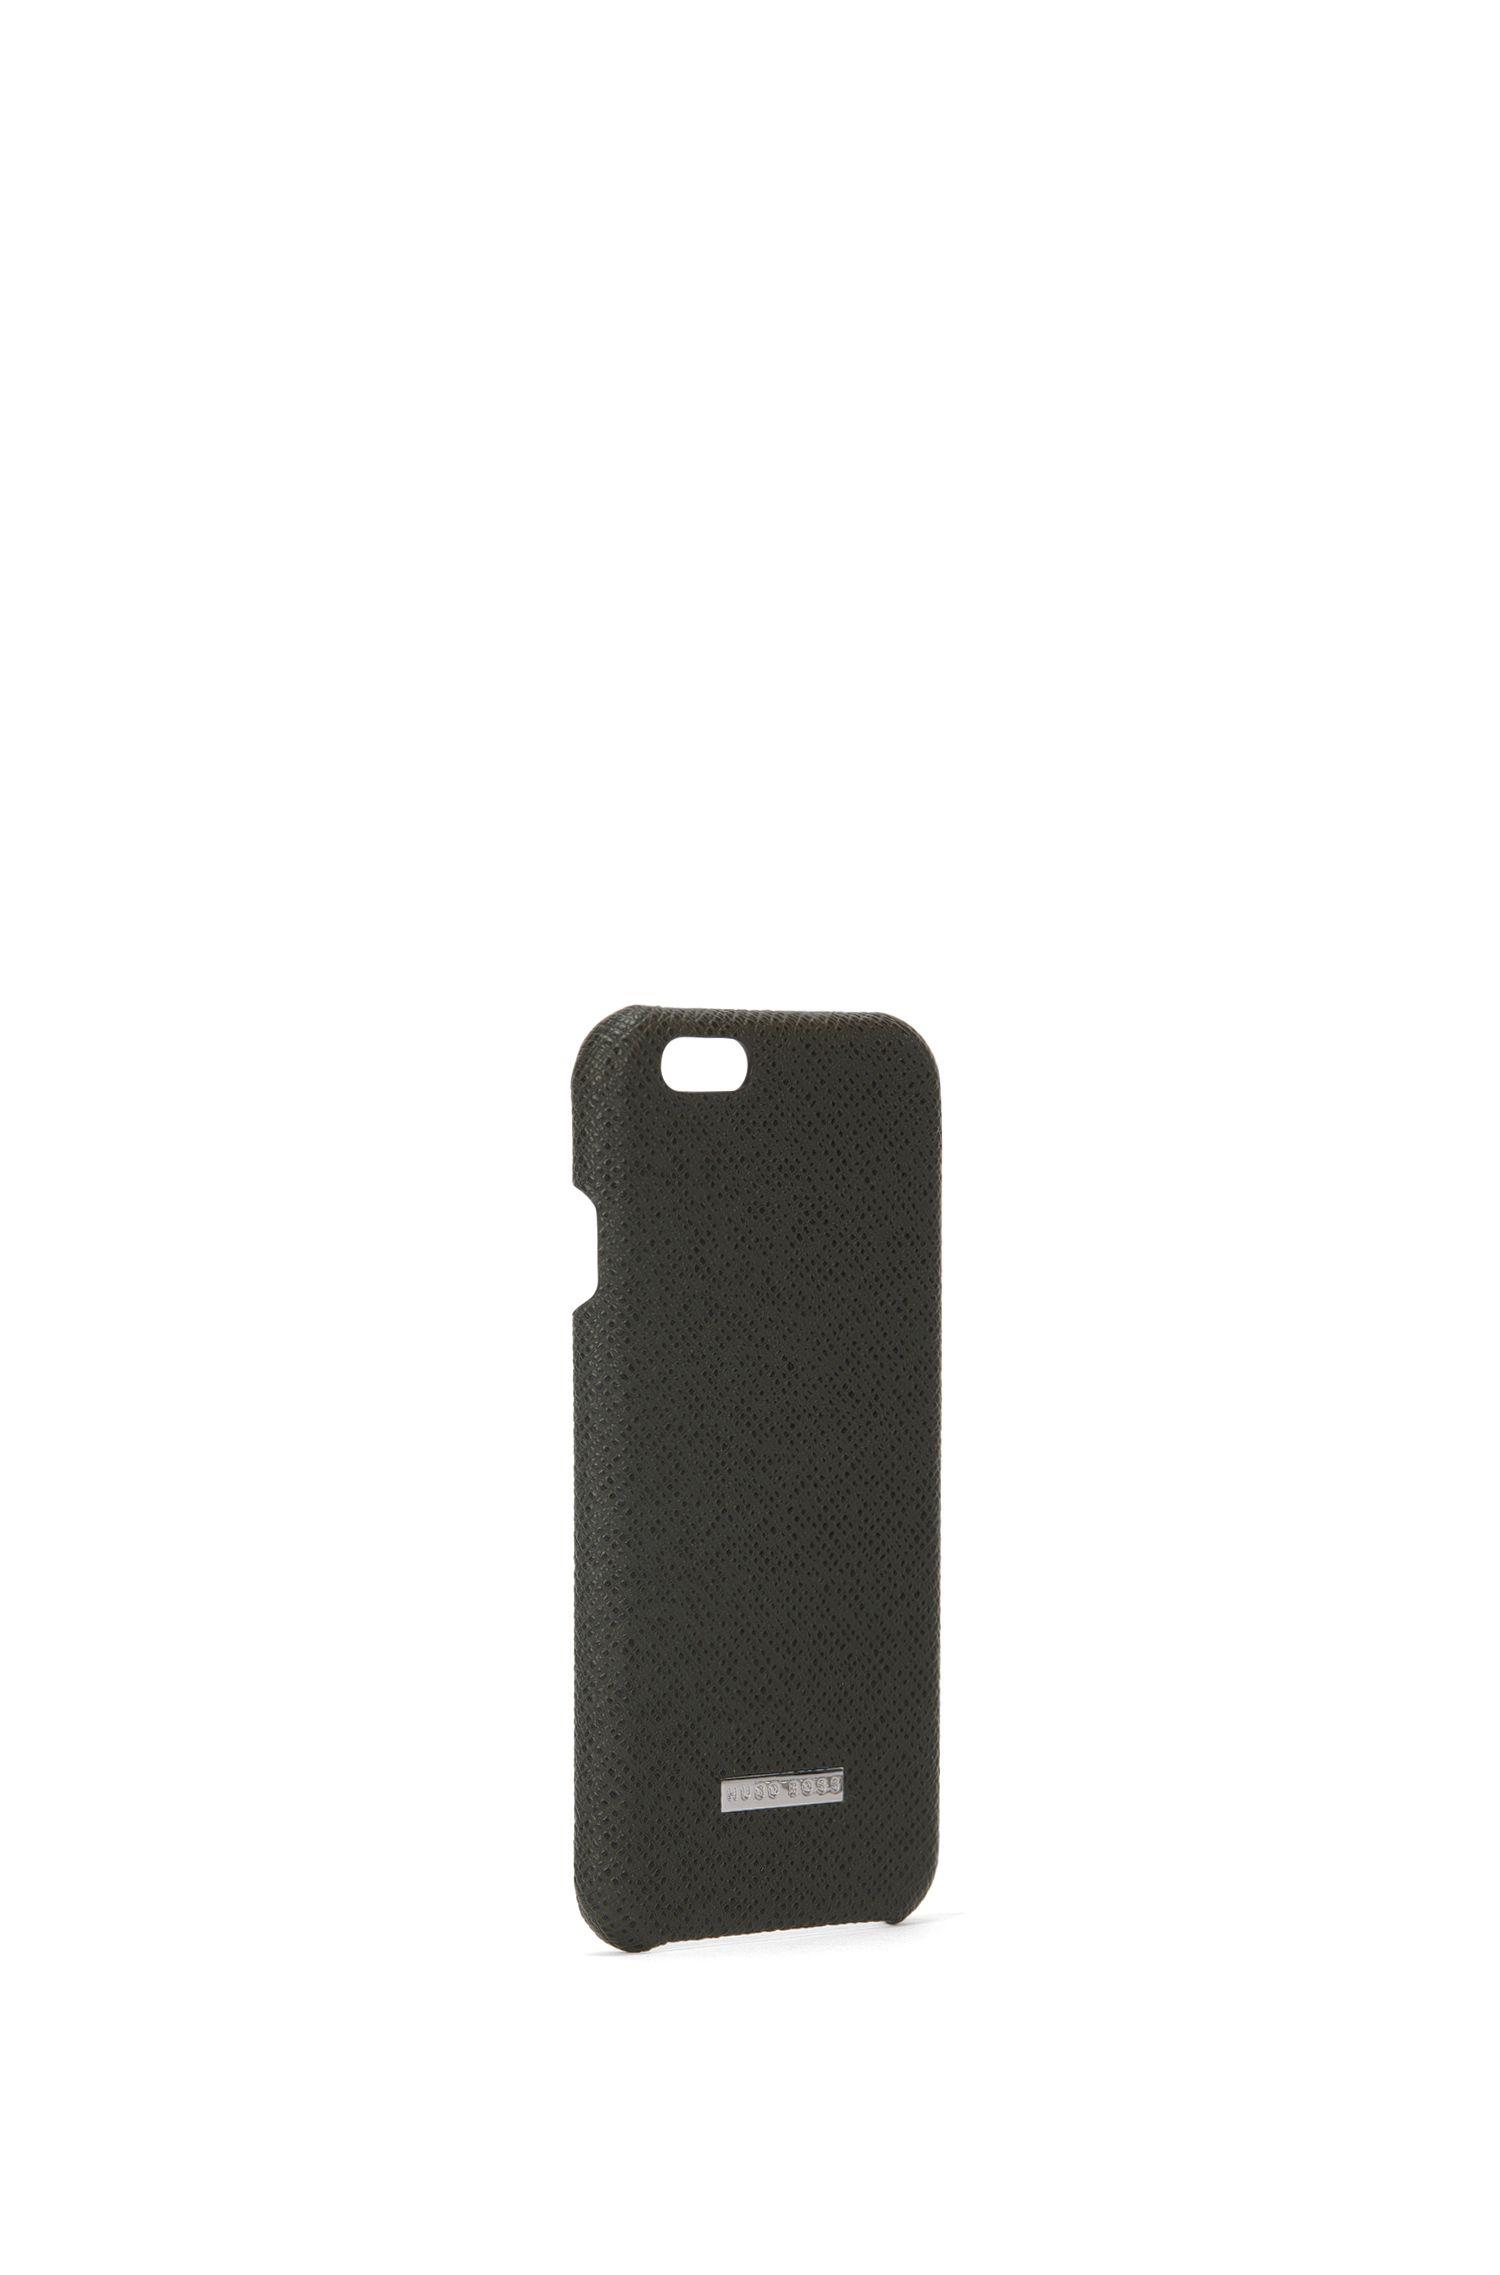 Smartphone-Hülle aus Palmellato-Leder aus der Signature Collection